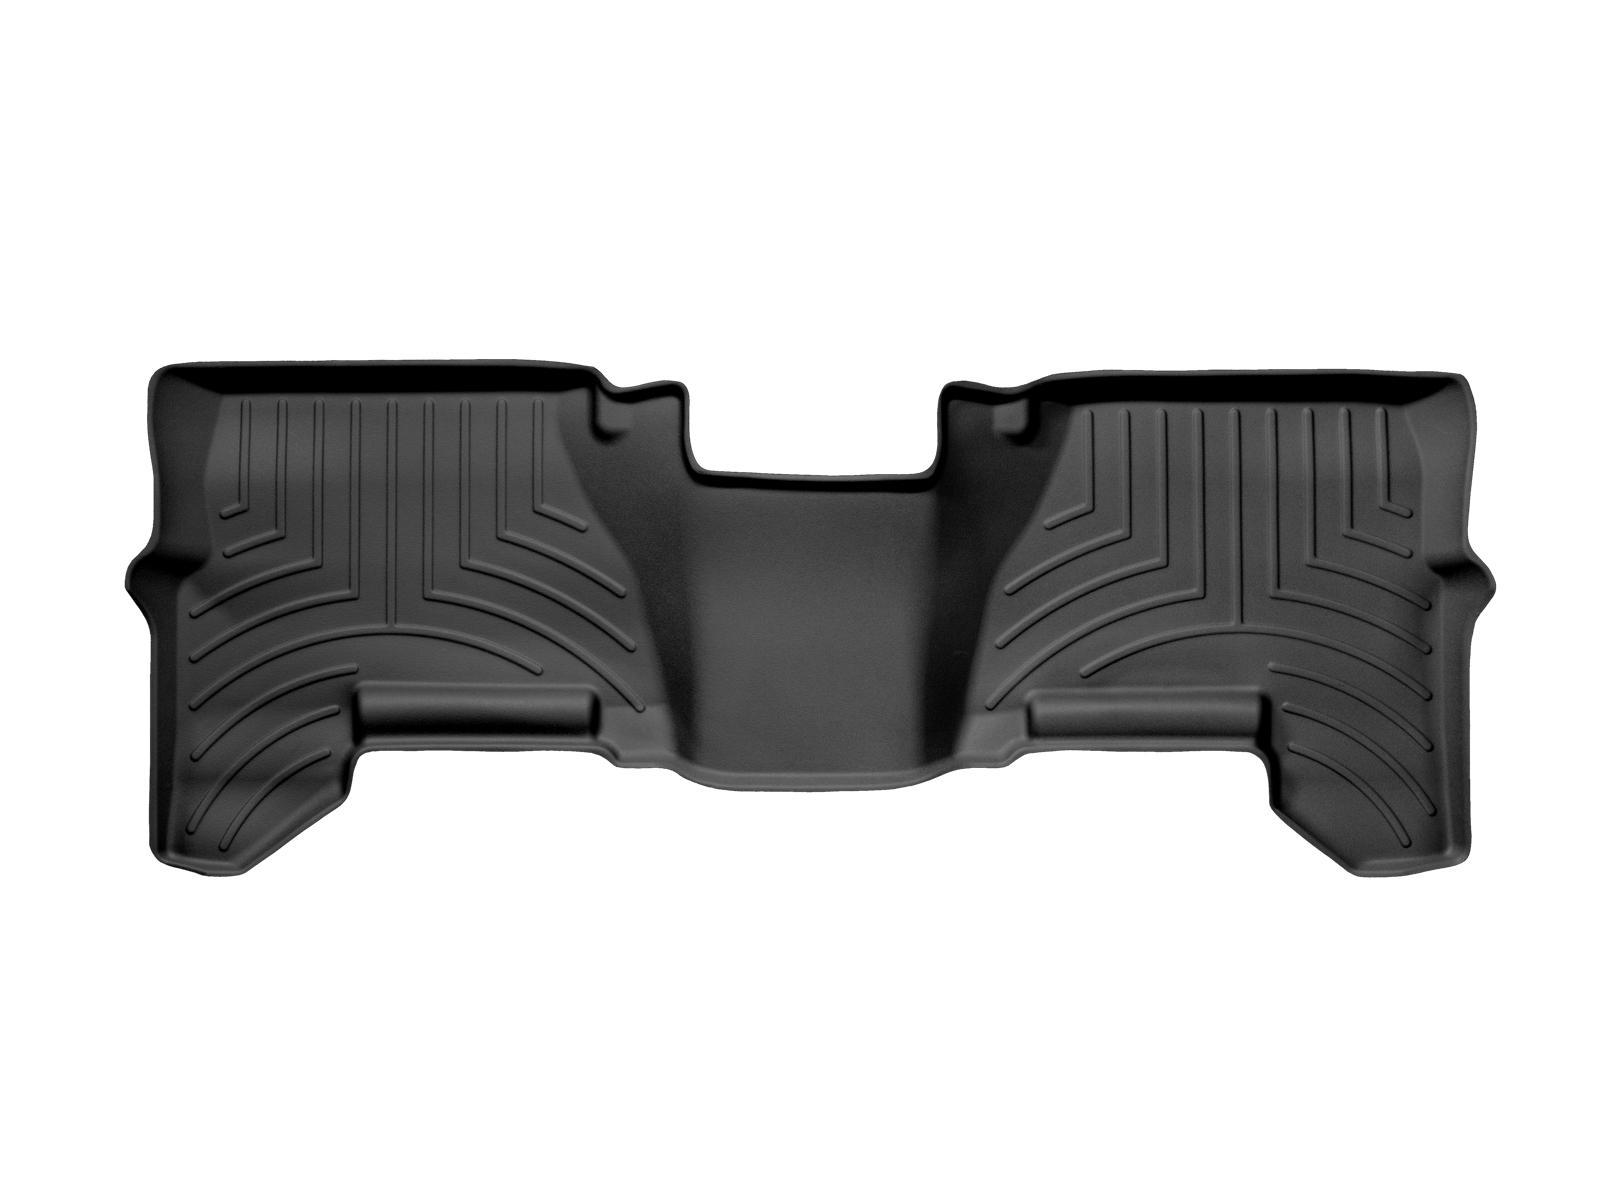 Tappeti gomma su misura bordo alto Nissan Pathfinder 10>15 Nero A2910